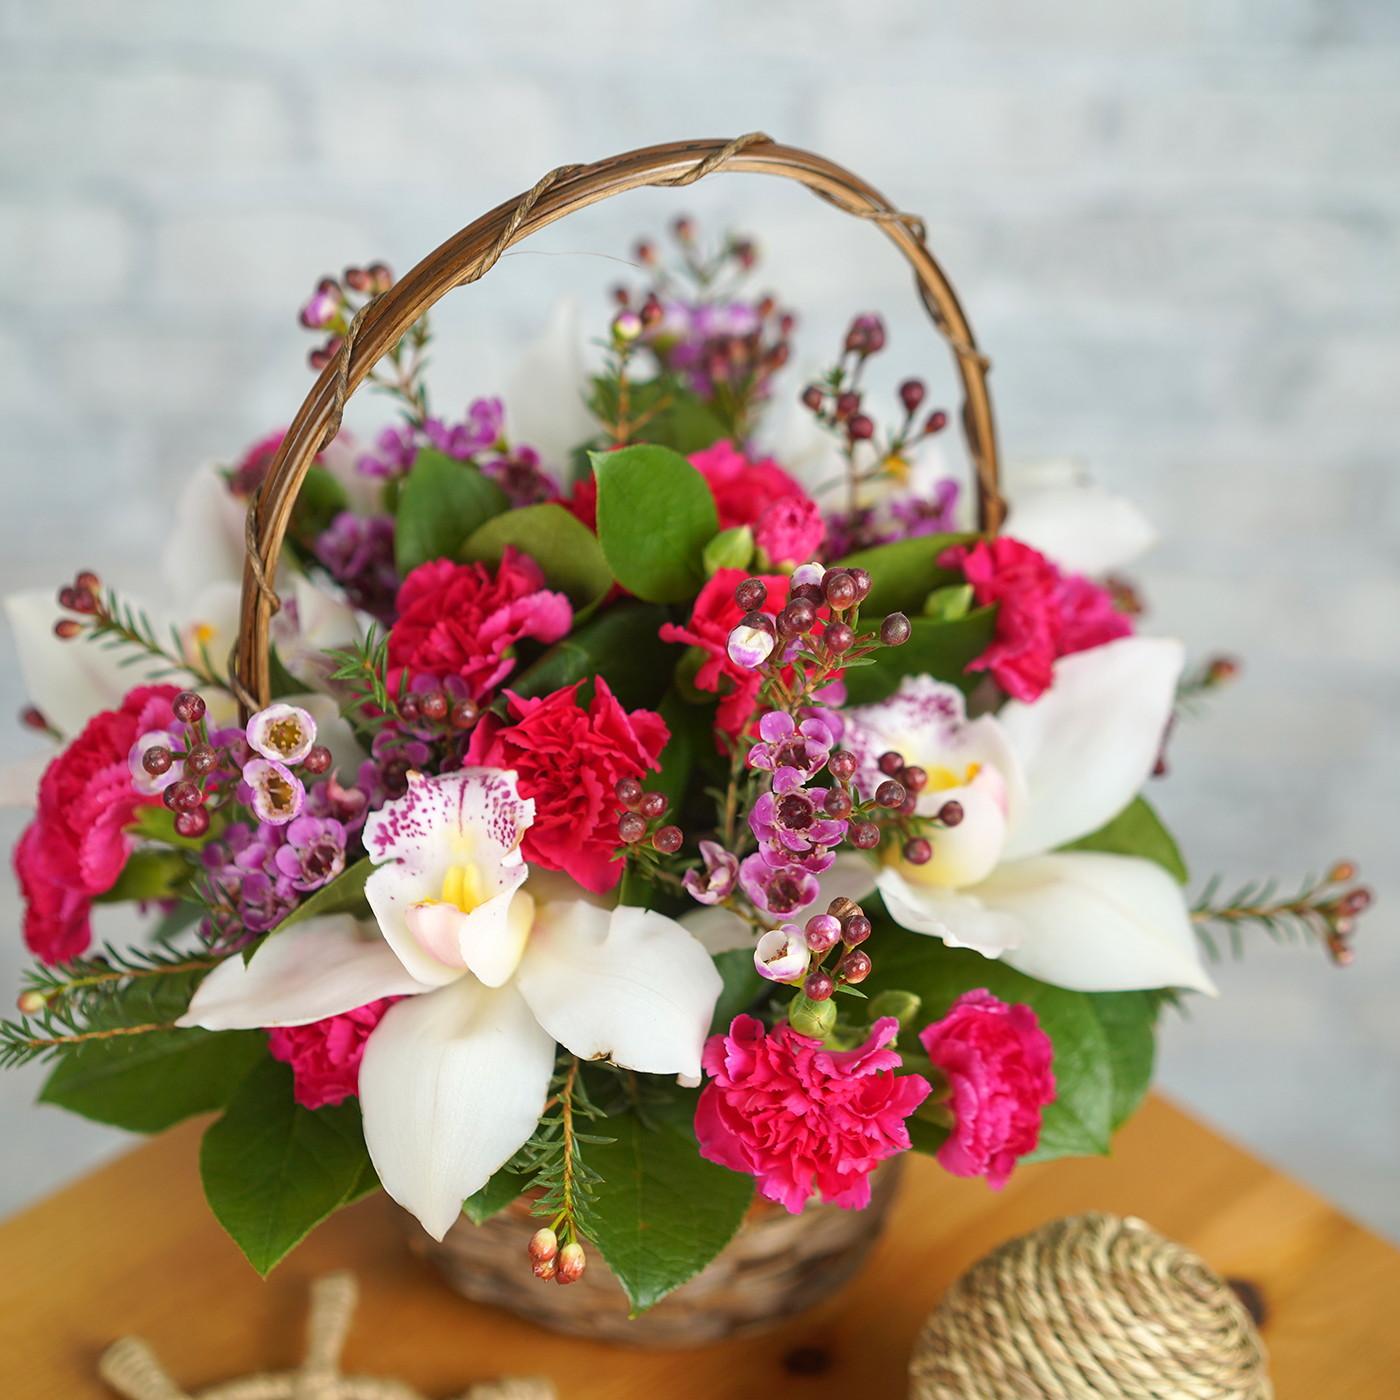 Композиция с орхидеей «Ривьера»